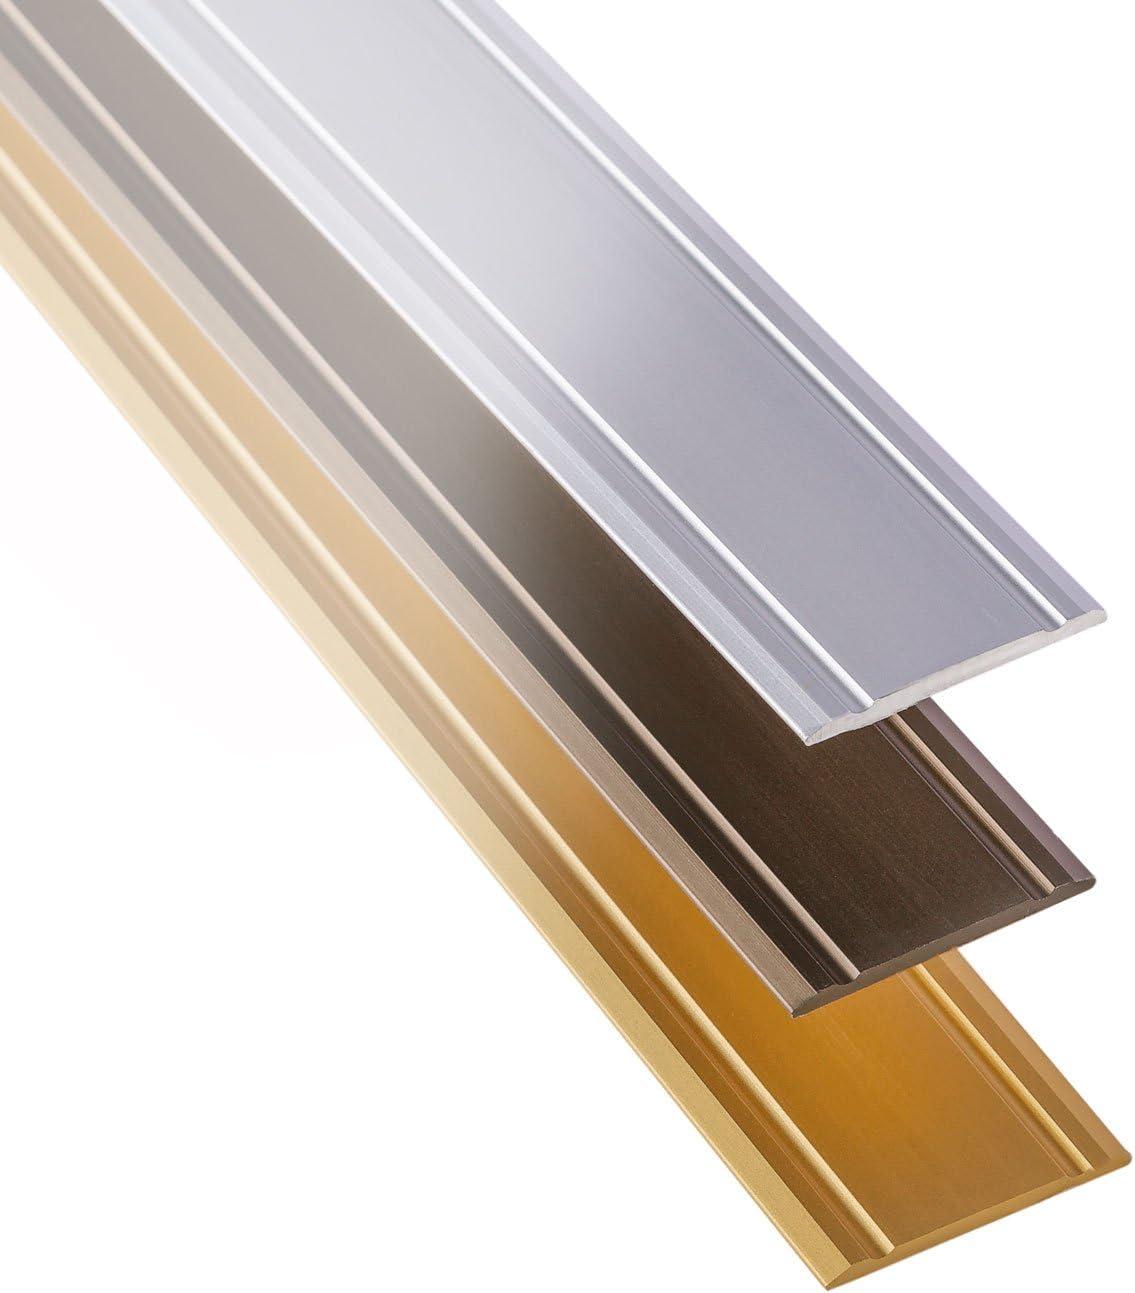 Ausgleichsprofil Aluminium Fliesen Bodenprofil Laminat